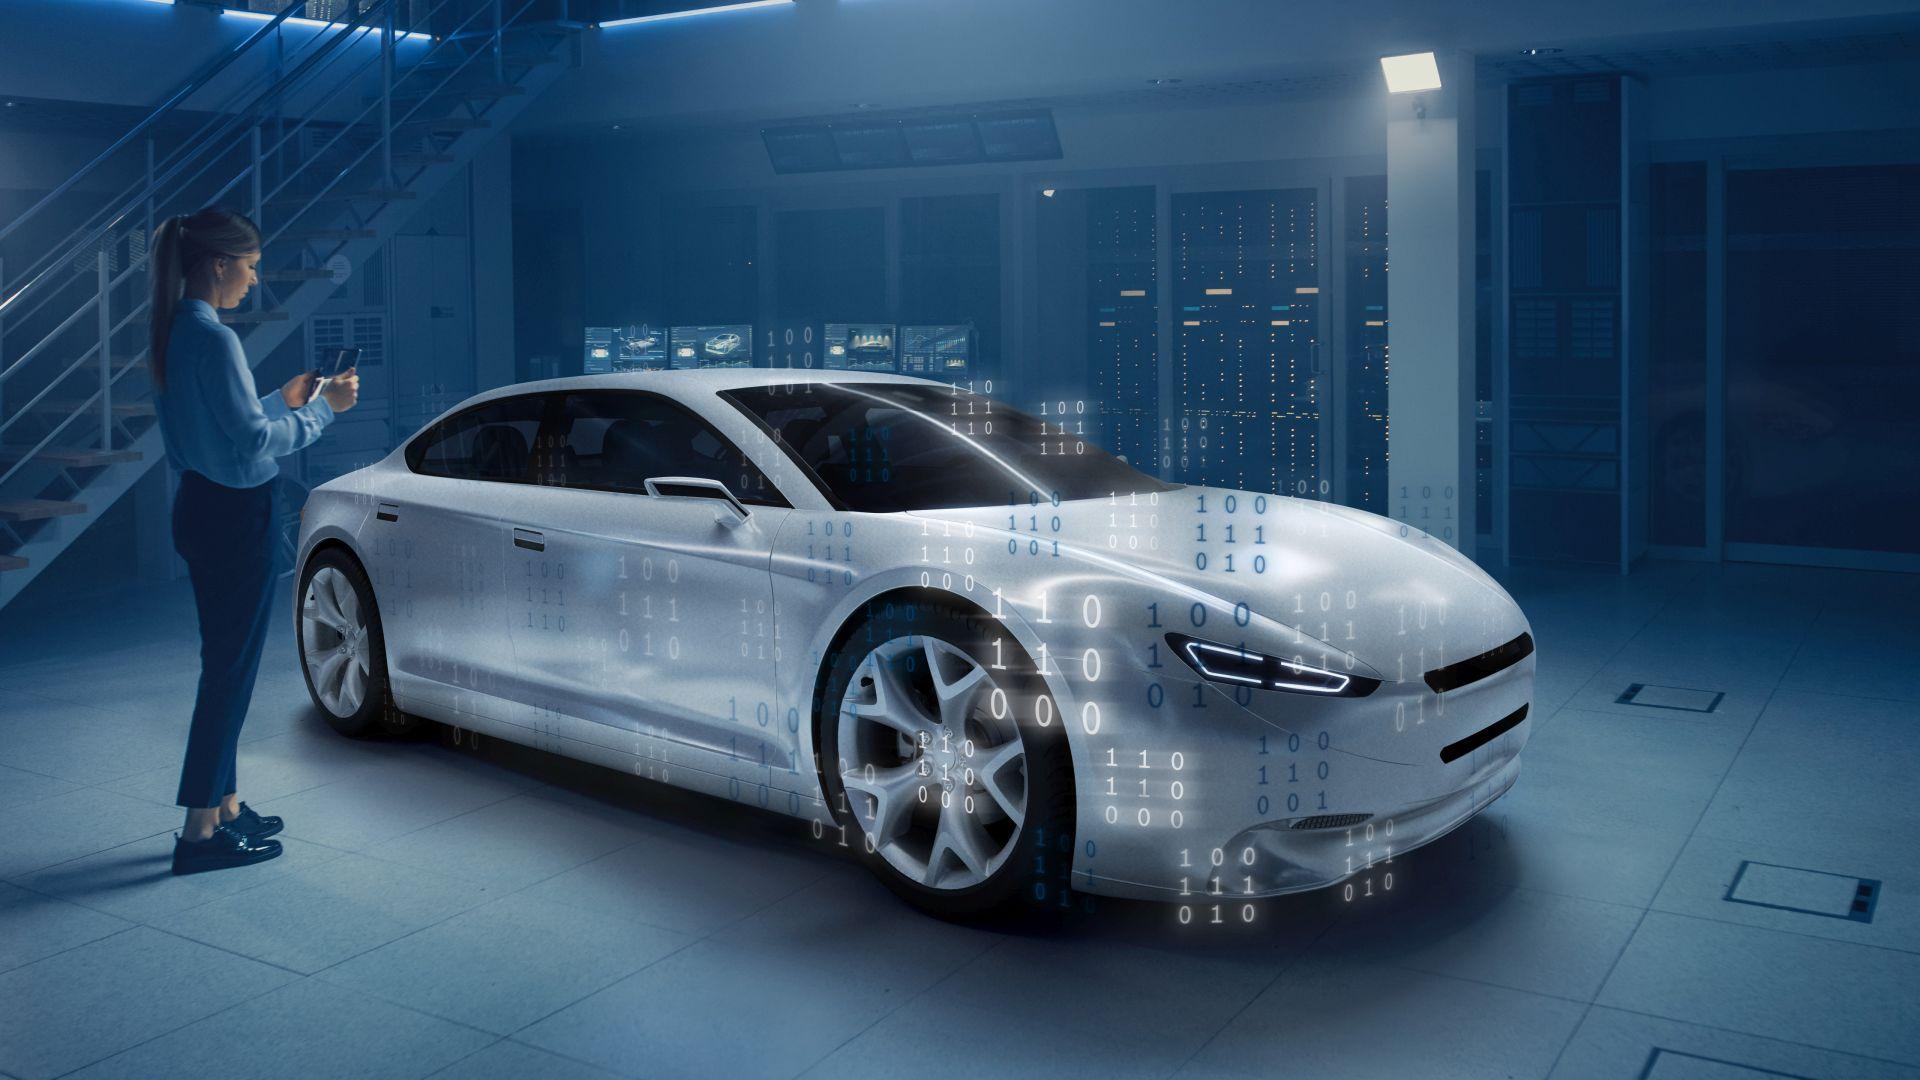 Bosch colaborează cu Microsoft pentru a dezvolta o platformă software pentru vehicule, care să asigure integrarea perfectă între mașini și cloud